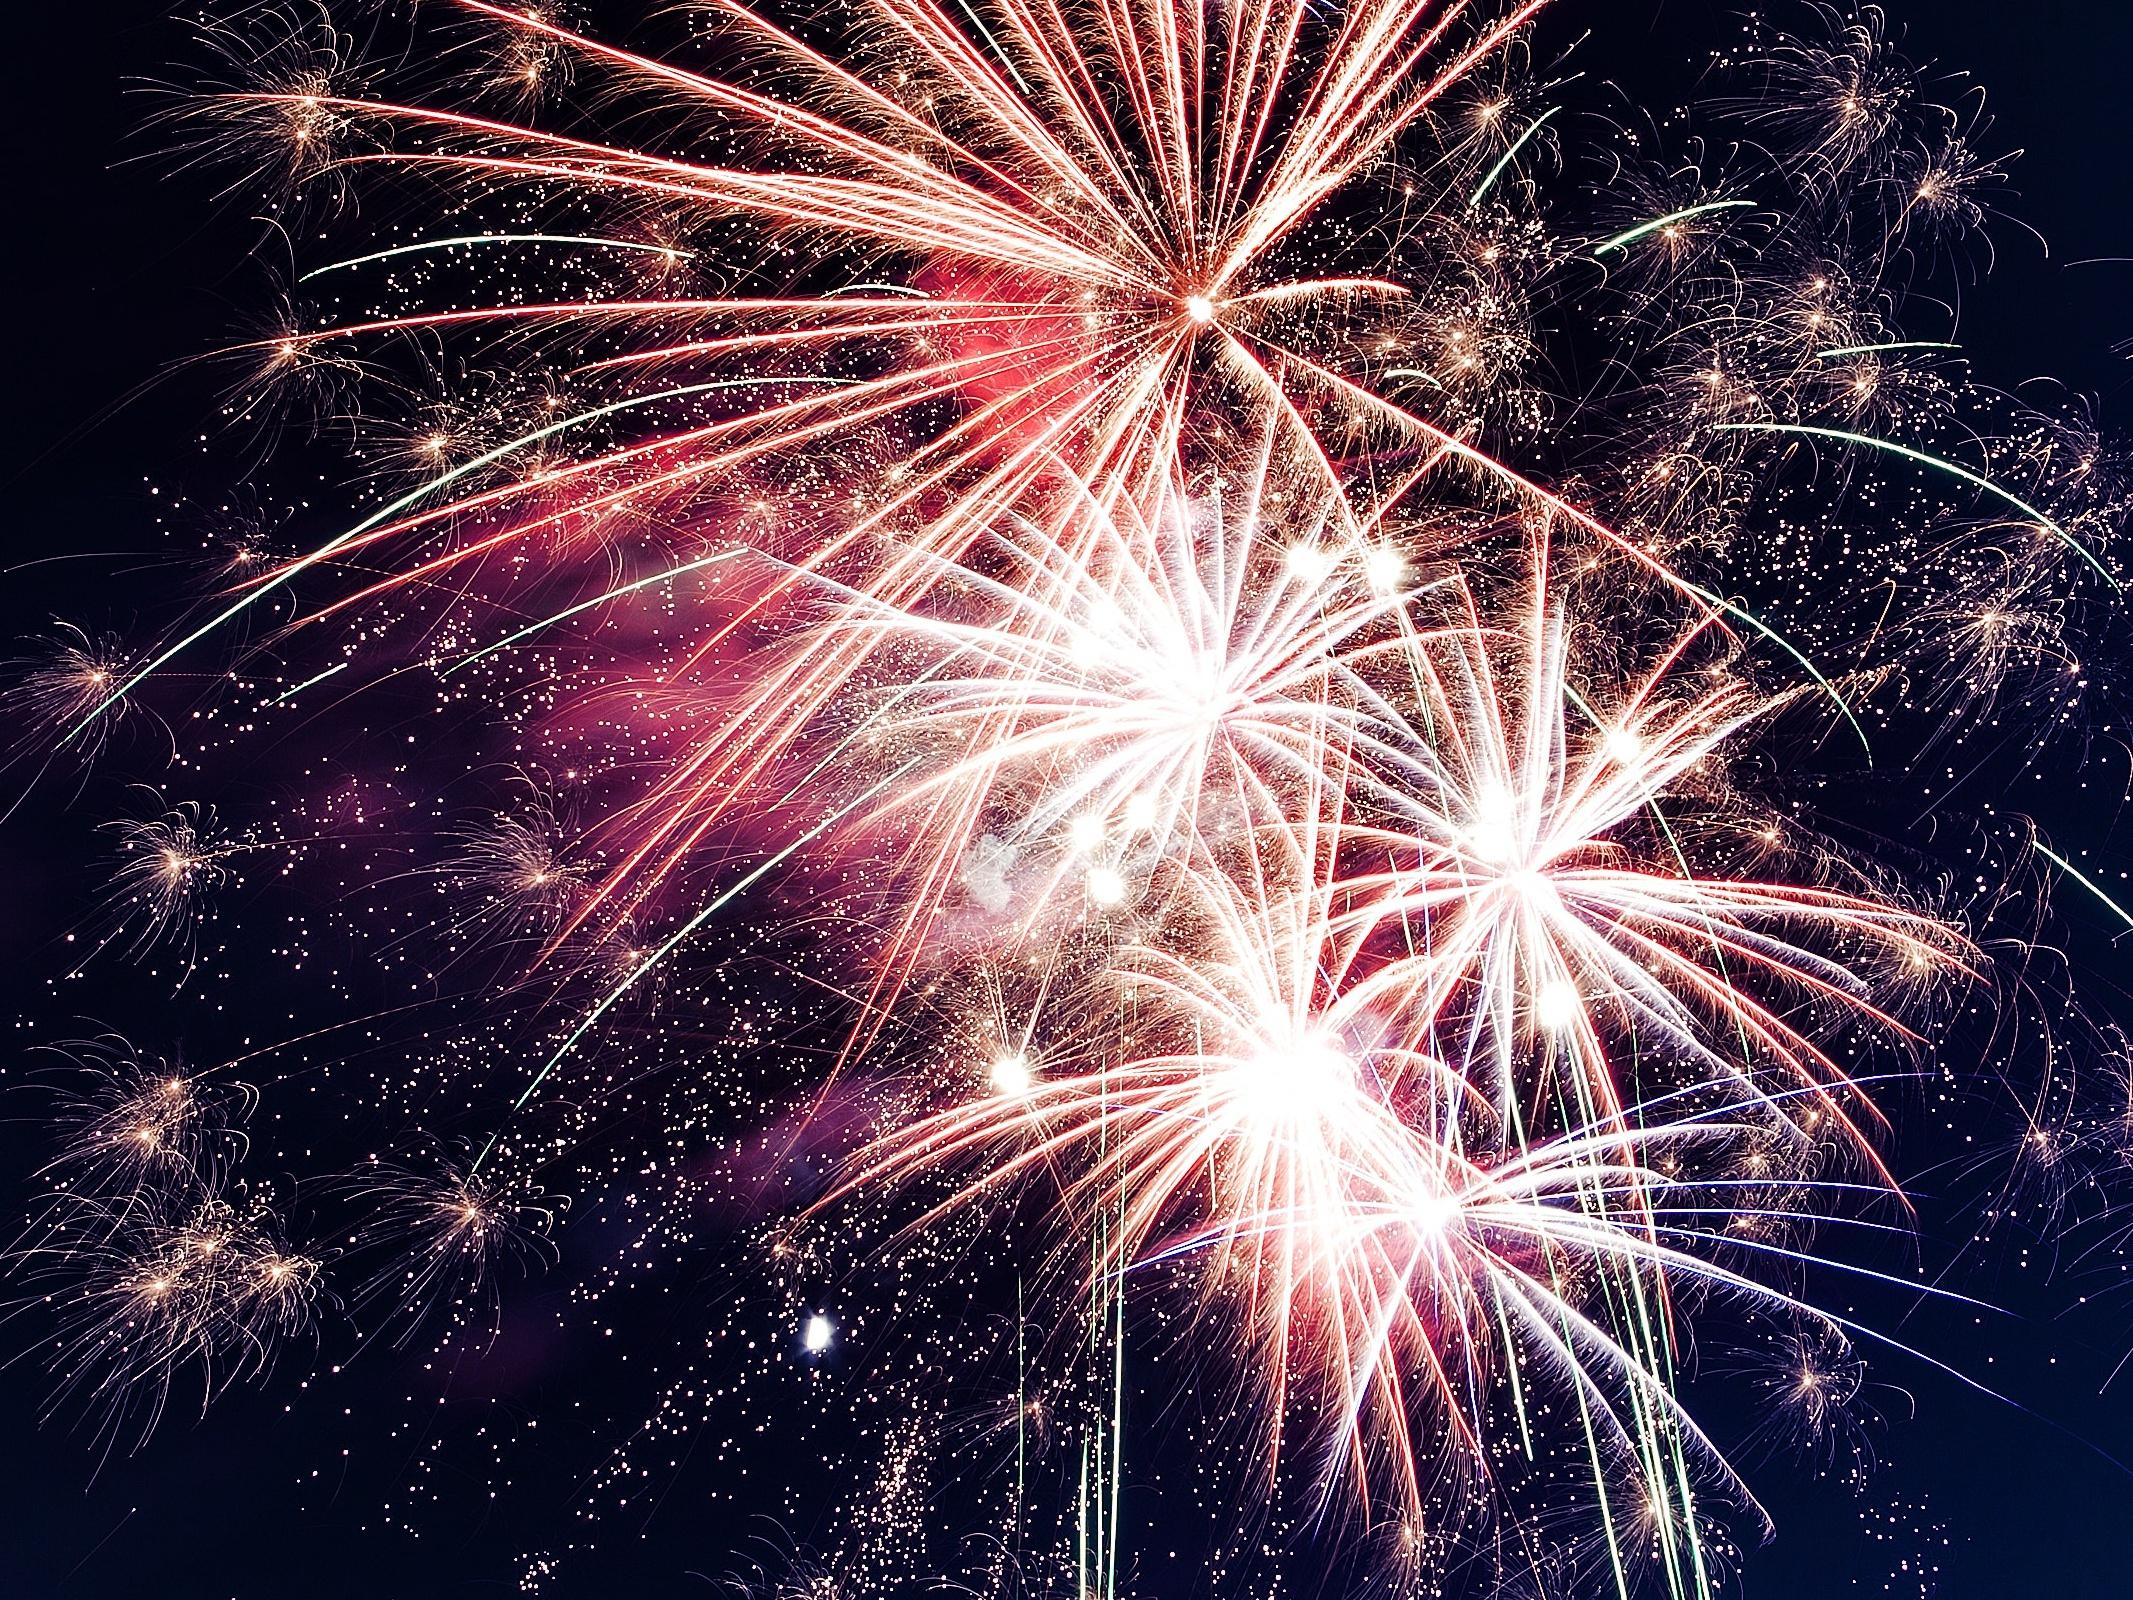 Oslavy Silvestra a Nového roku v národních parcích opět bez ohňostrojů